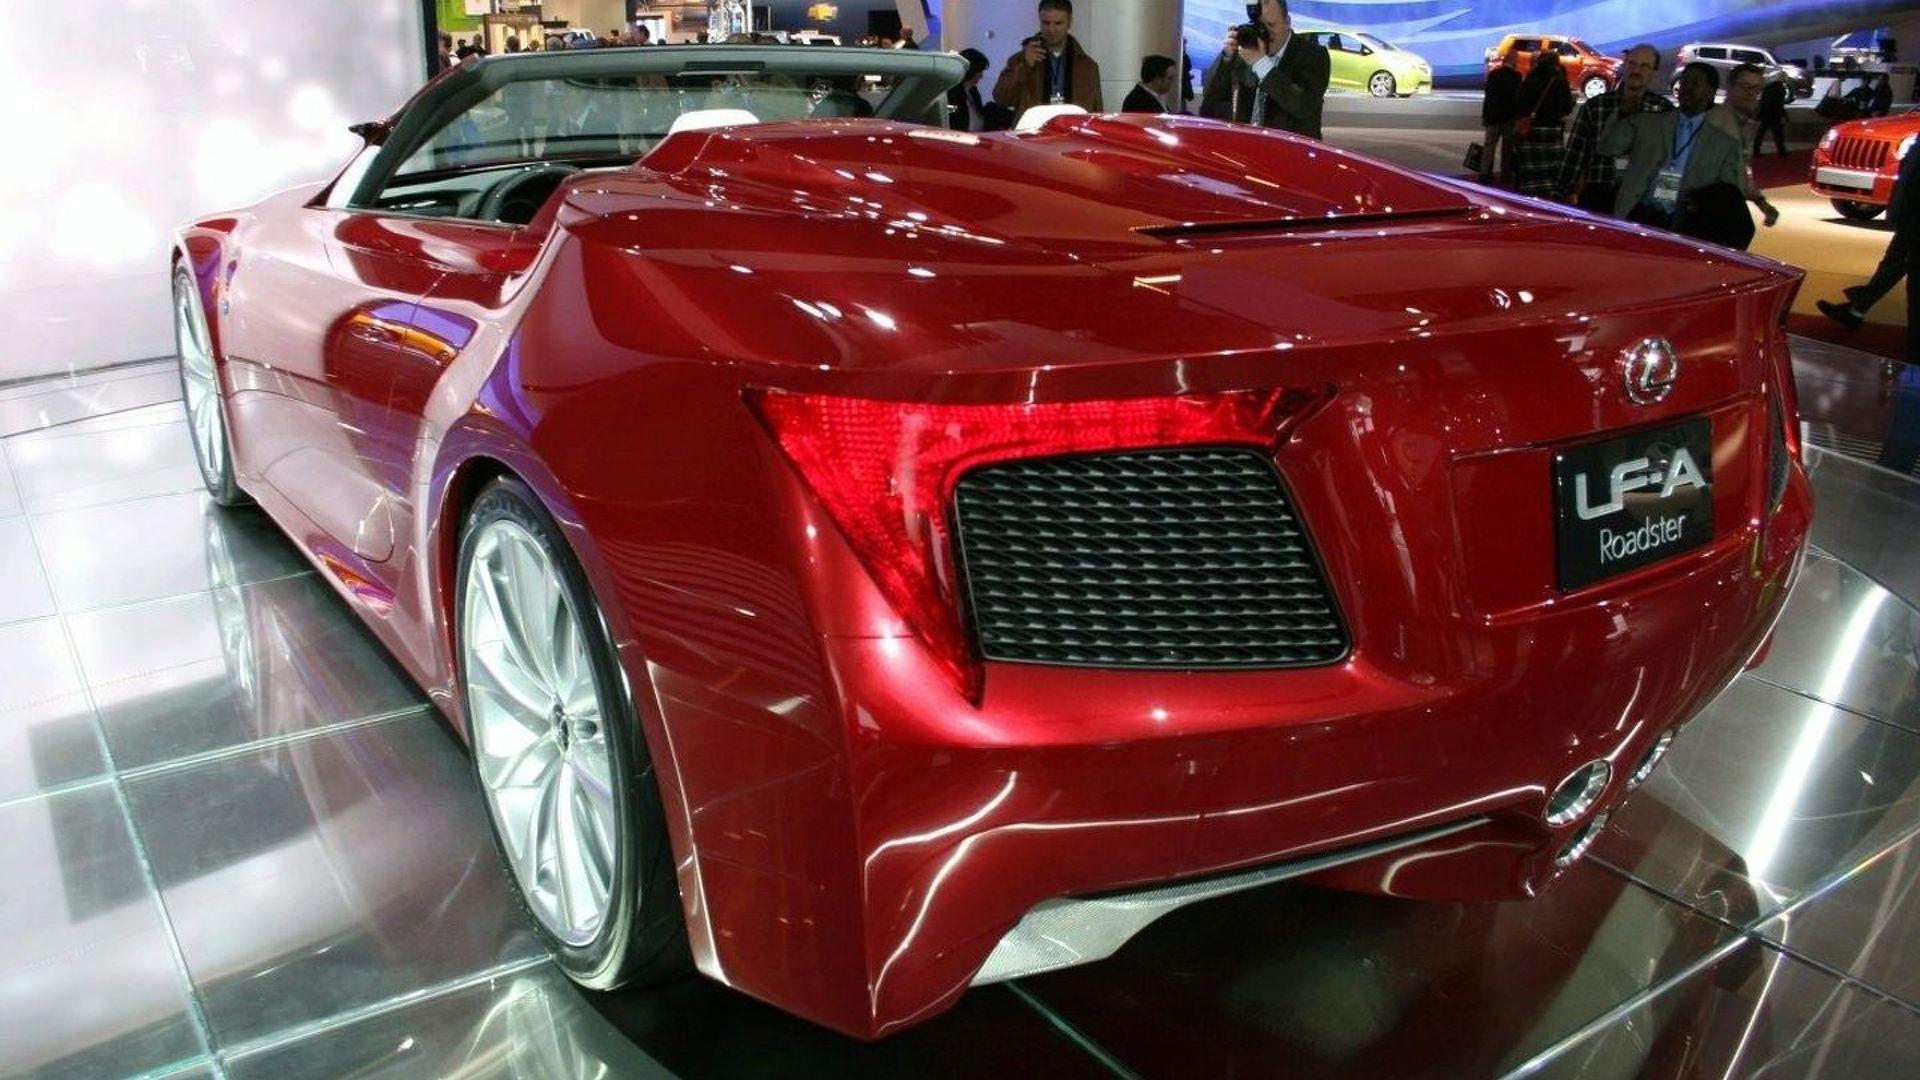 Detroit Auto Show: Lexus LF-A Roadster Revealed